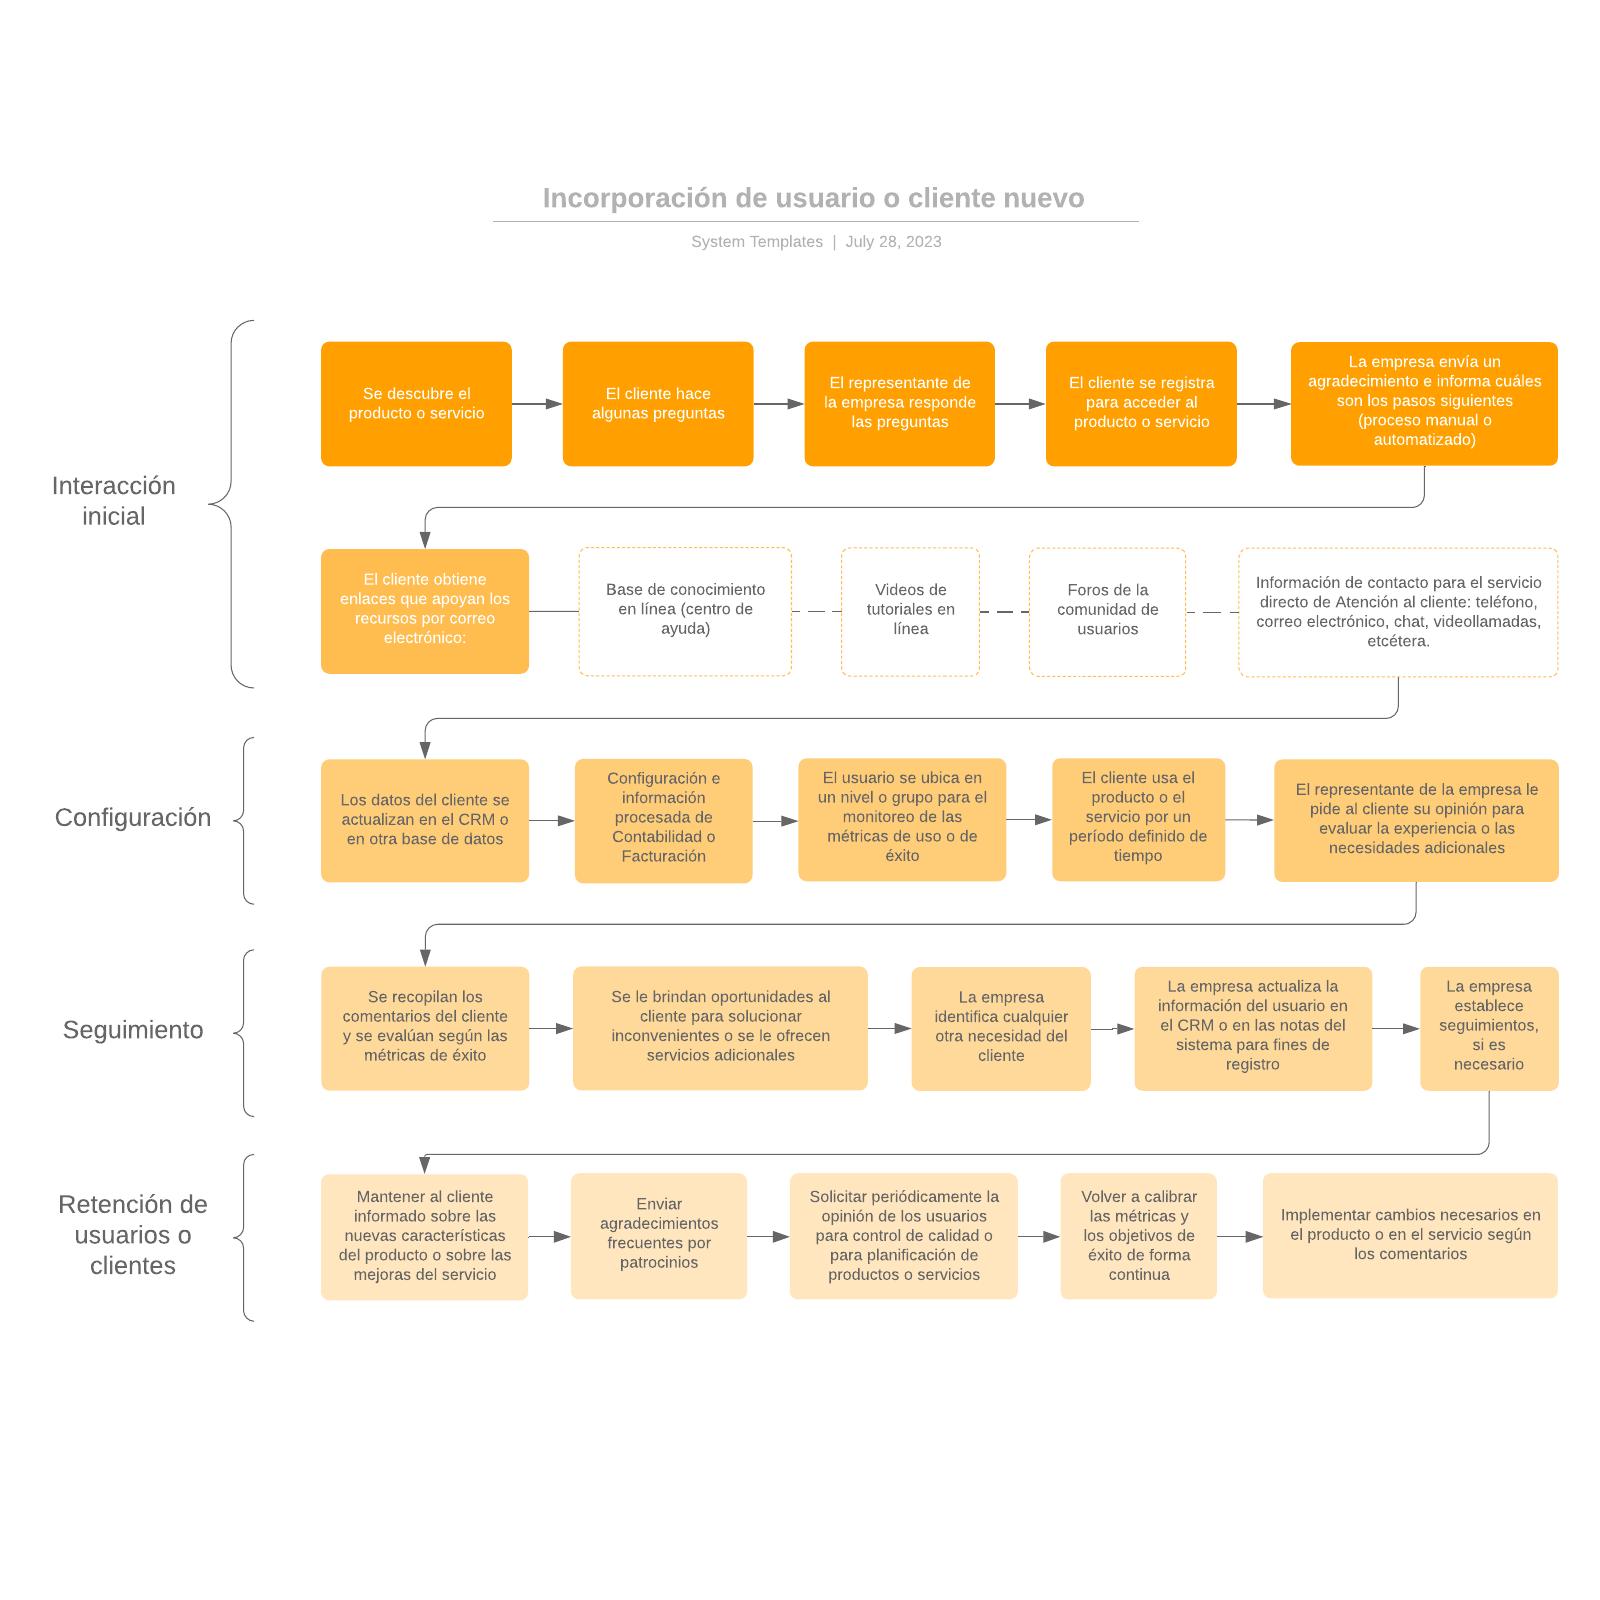 Incorporación de usuario o cliente nuevo